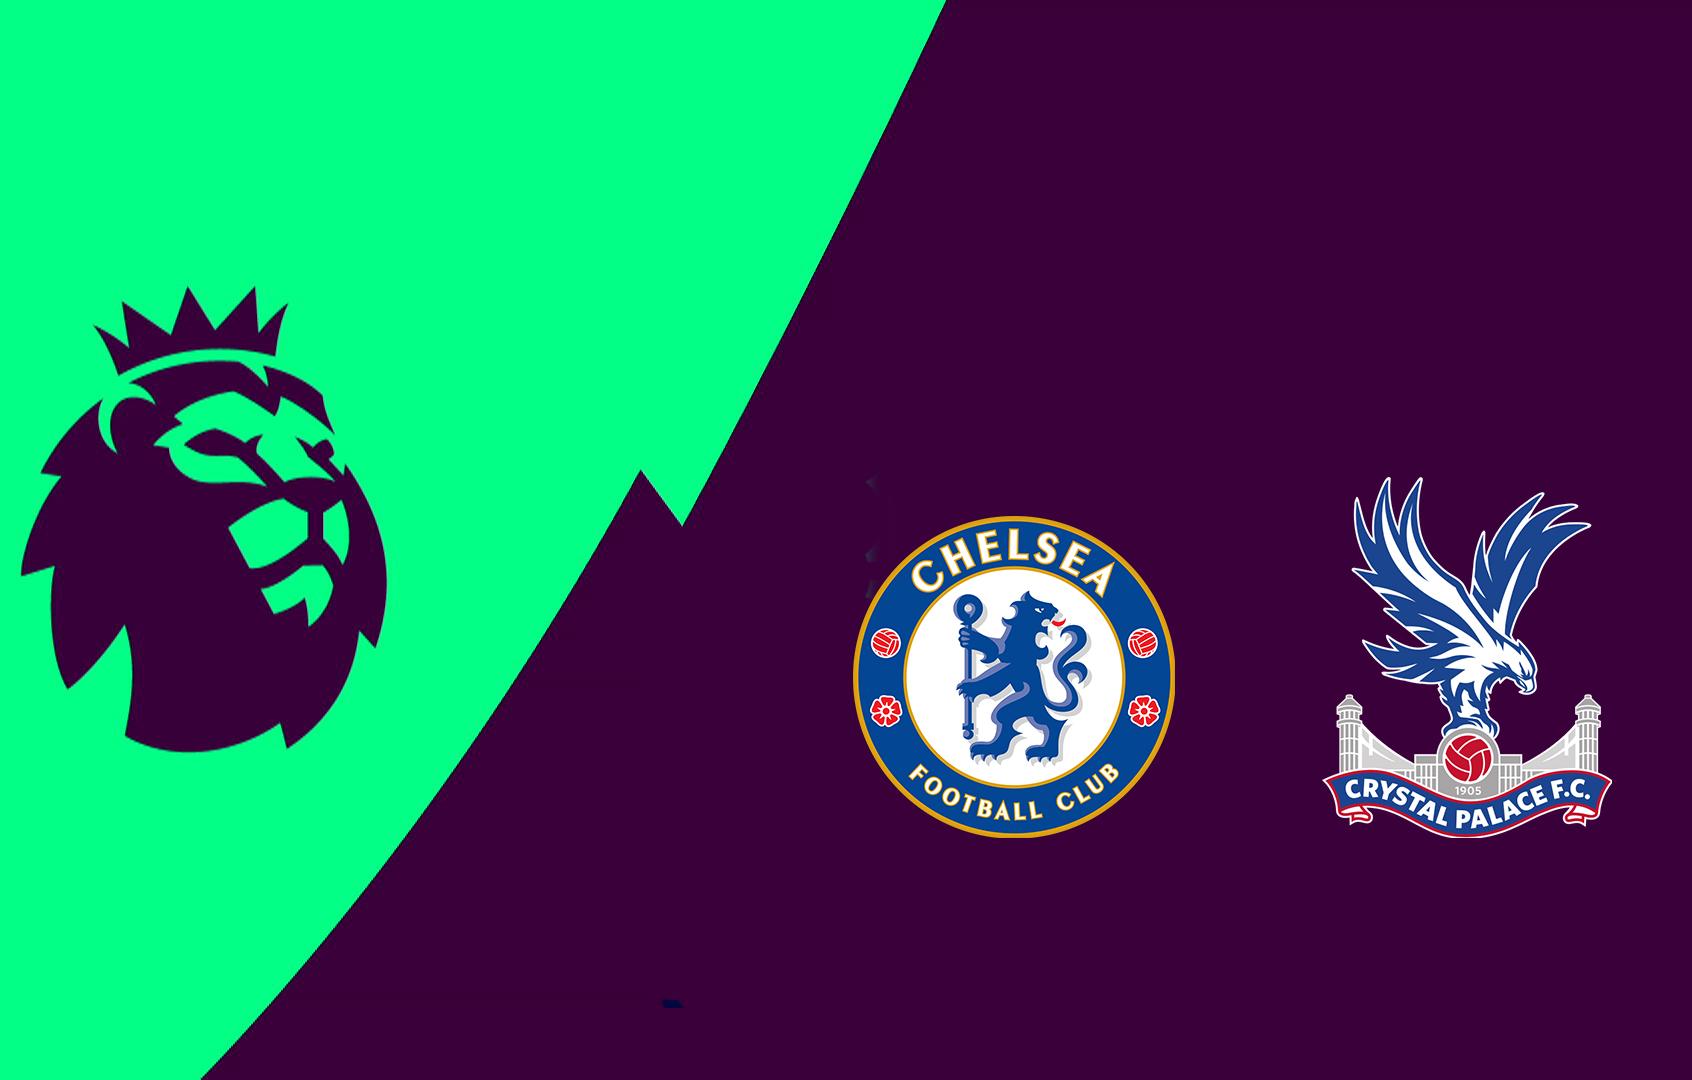 soi-keo-ca-cuoc-bong-da-ngay-7-11-Chelsea-vs-club-brugge-lay-ve-di-tiep-b9 1